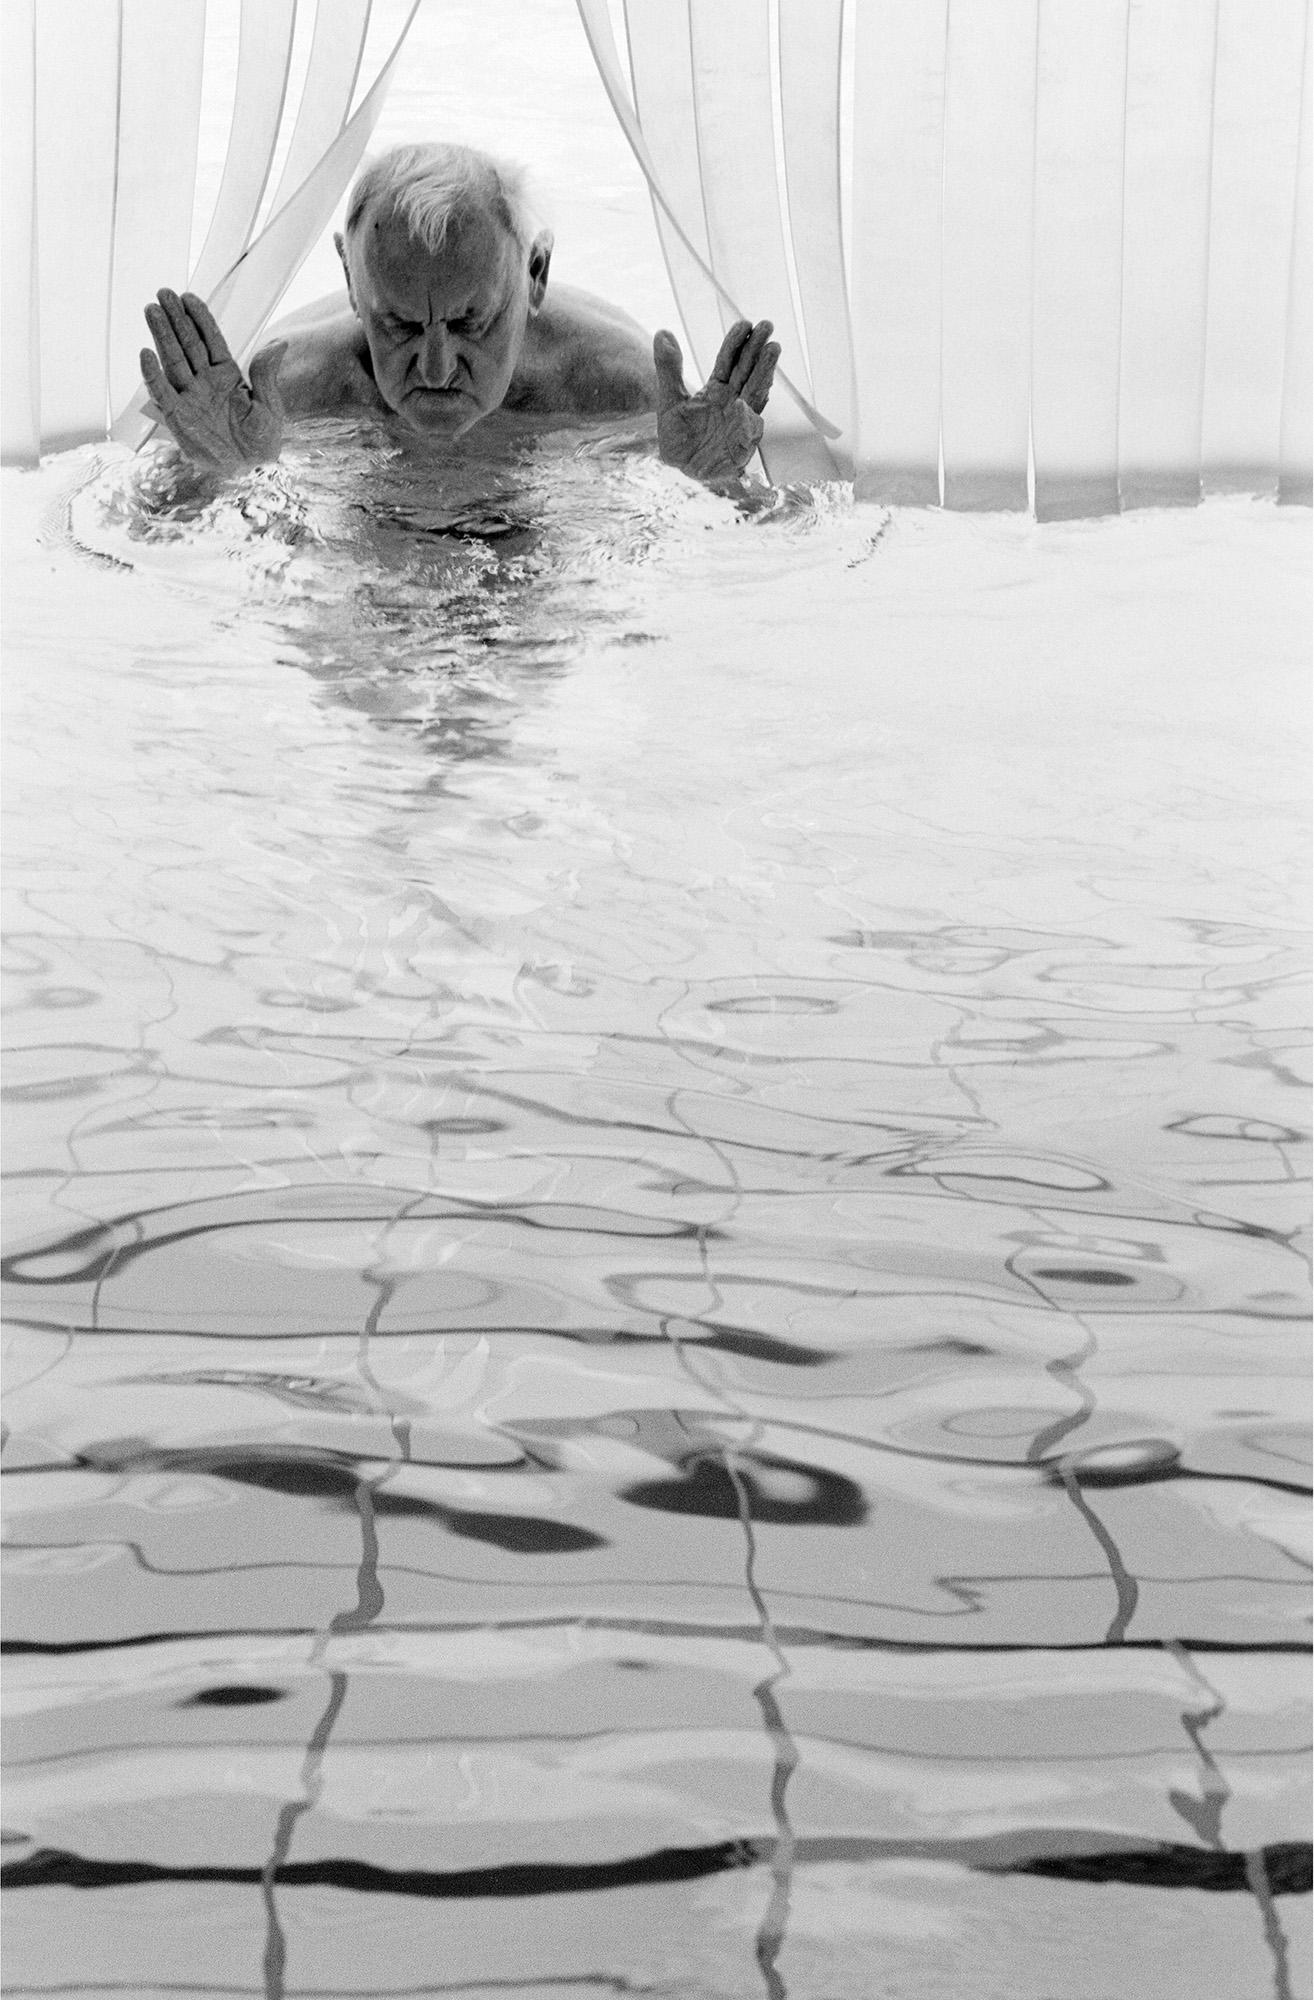 die öffentliche badeanstalt Foto: Julia Baier 2002 Bad Füssing Therme 1 (Die öffentliche Badeanstalt)